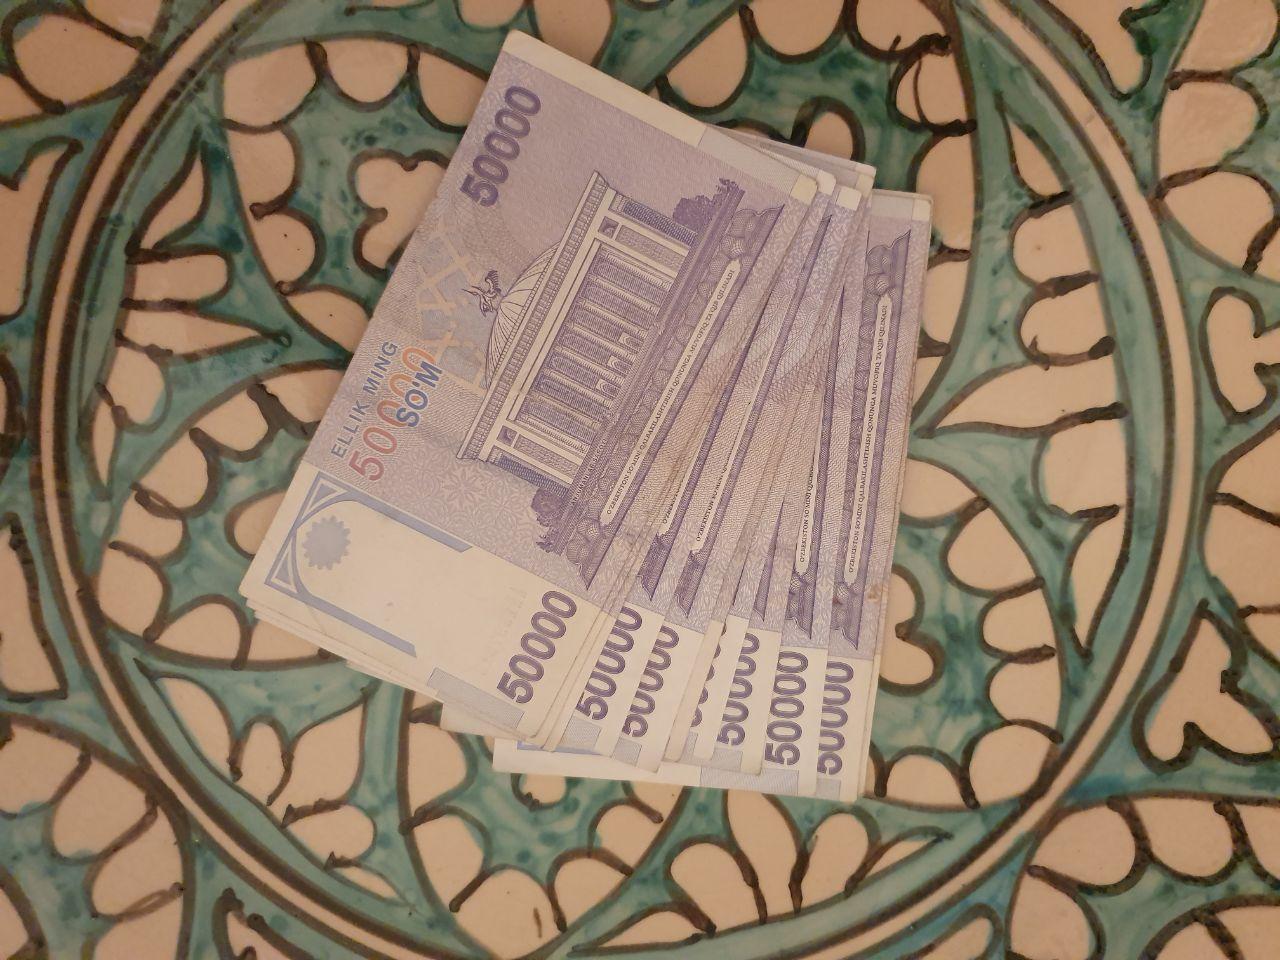 Ўзбекистоннинг ички валюта бозори ҳақида